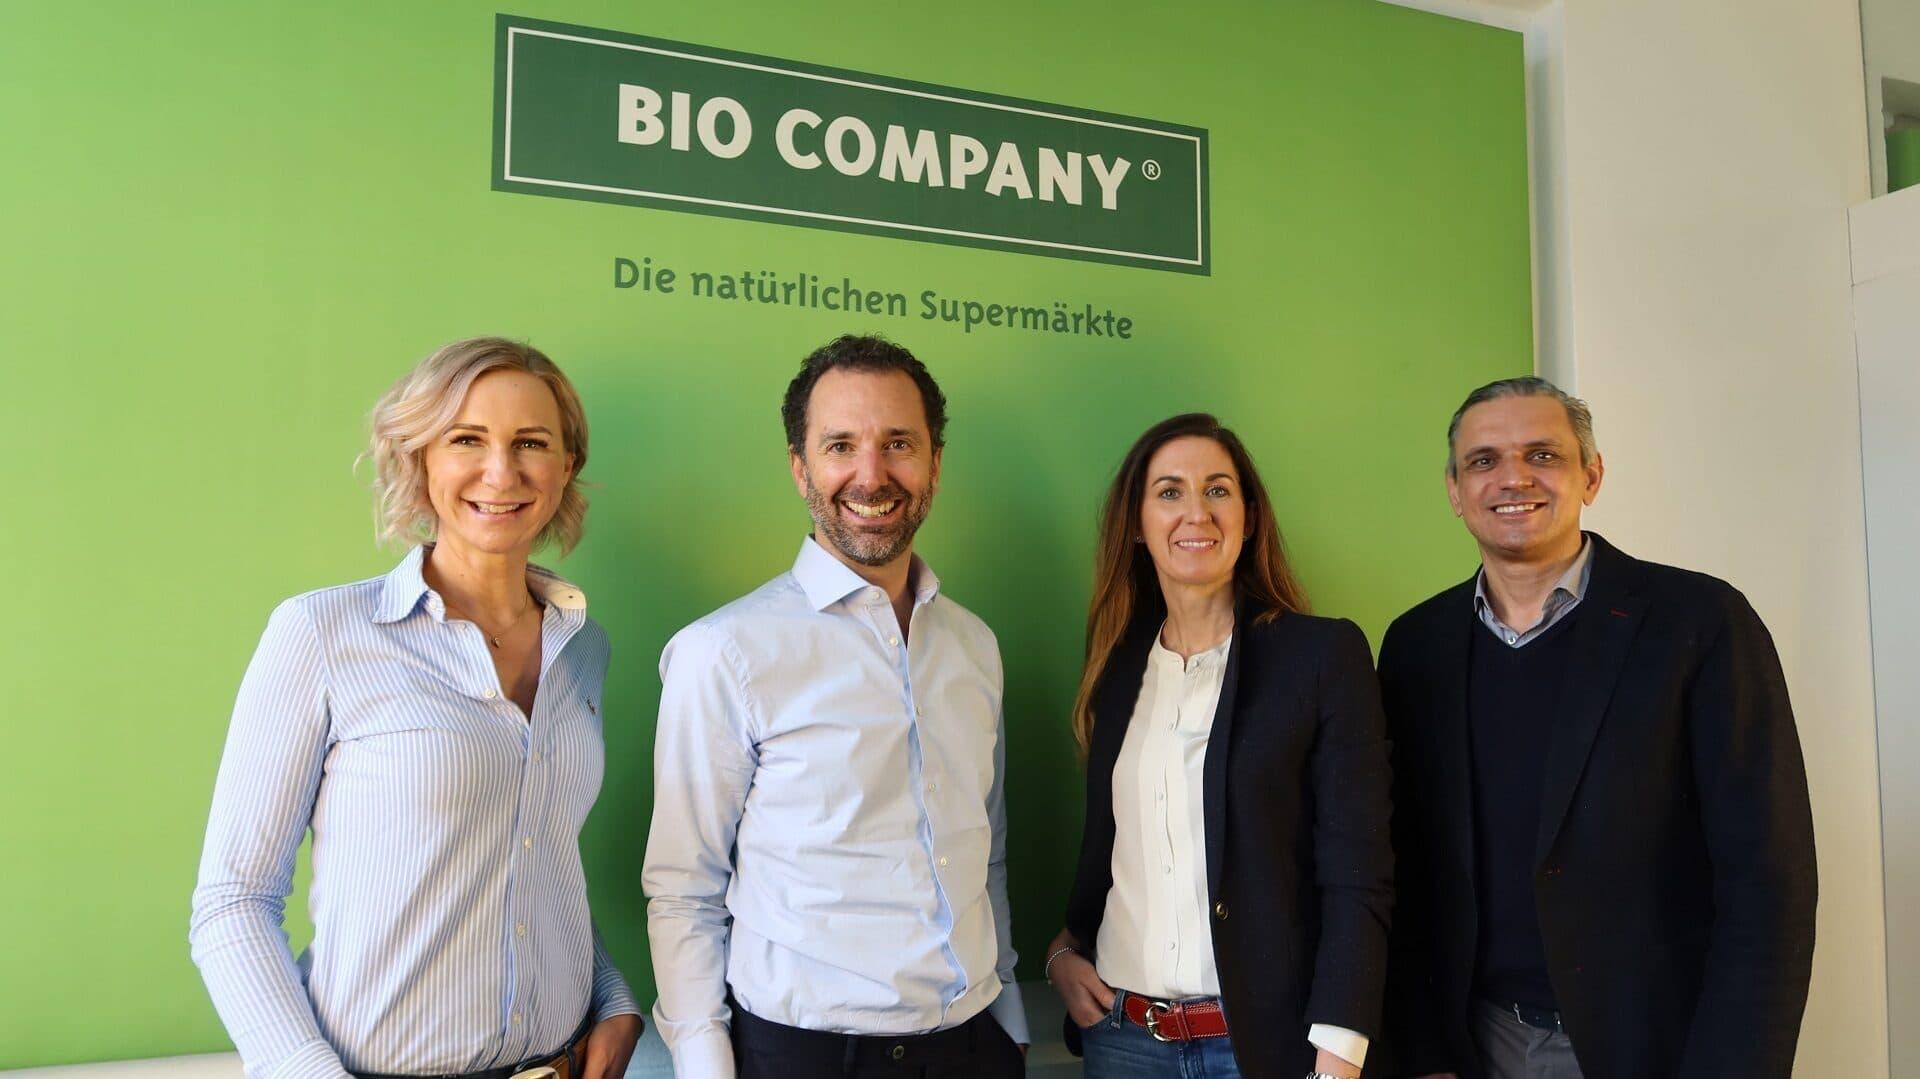 Bio Company; (v.l.n.r.): Vorstände Nicole Korset-Ristic (Verkauf/Expansion), Boris Frank (Marketing/Einkauf/IT), Daniela Feldt (Finanzen/Personal) und Aufsichtsrat Georg Kaiser